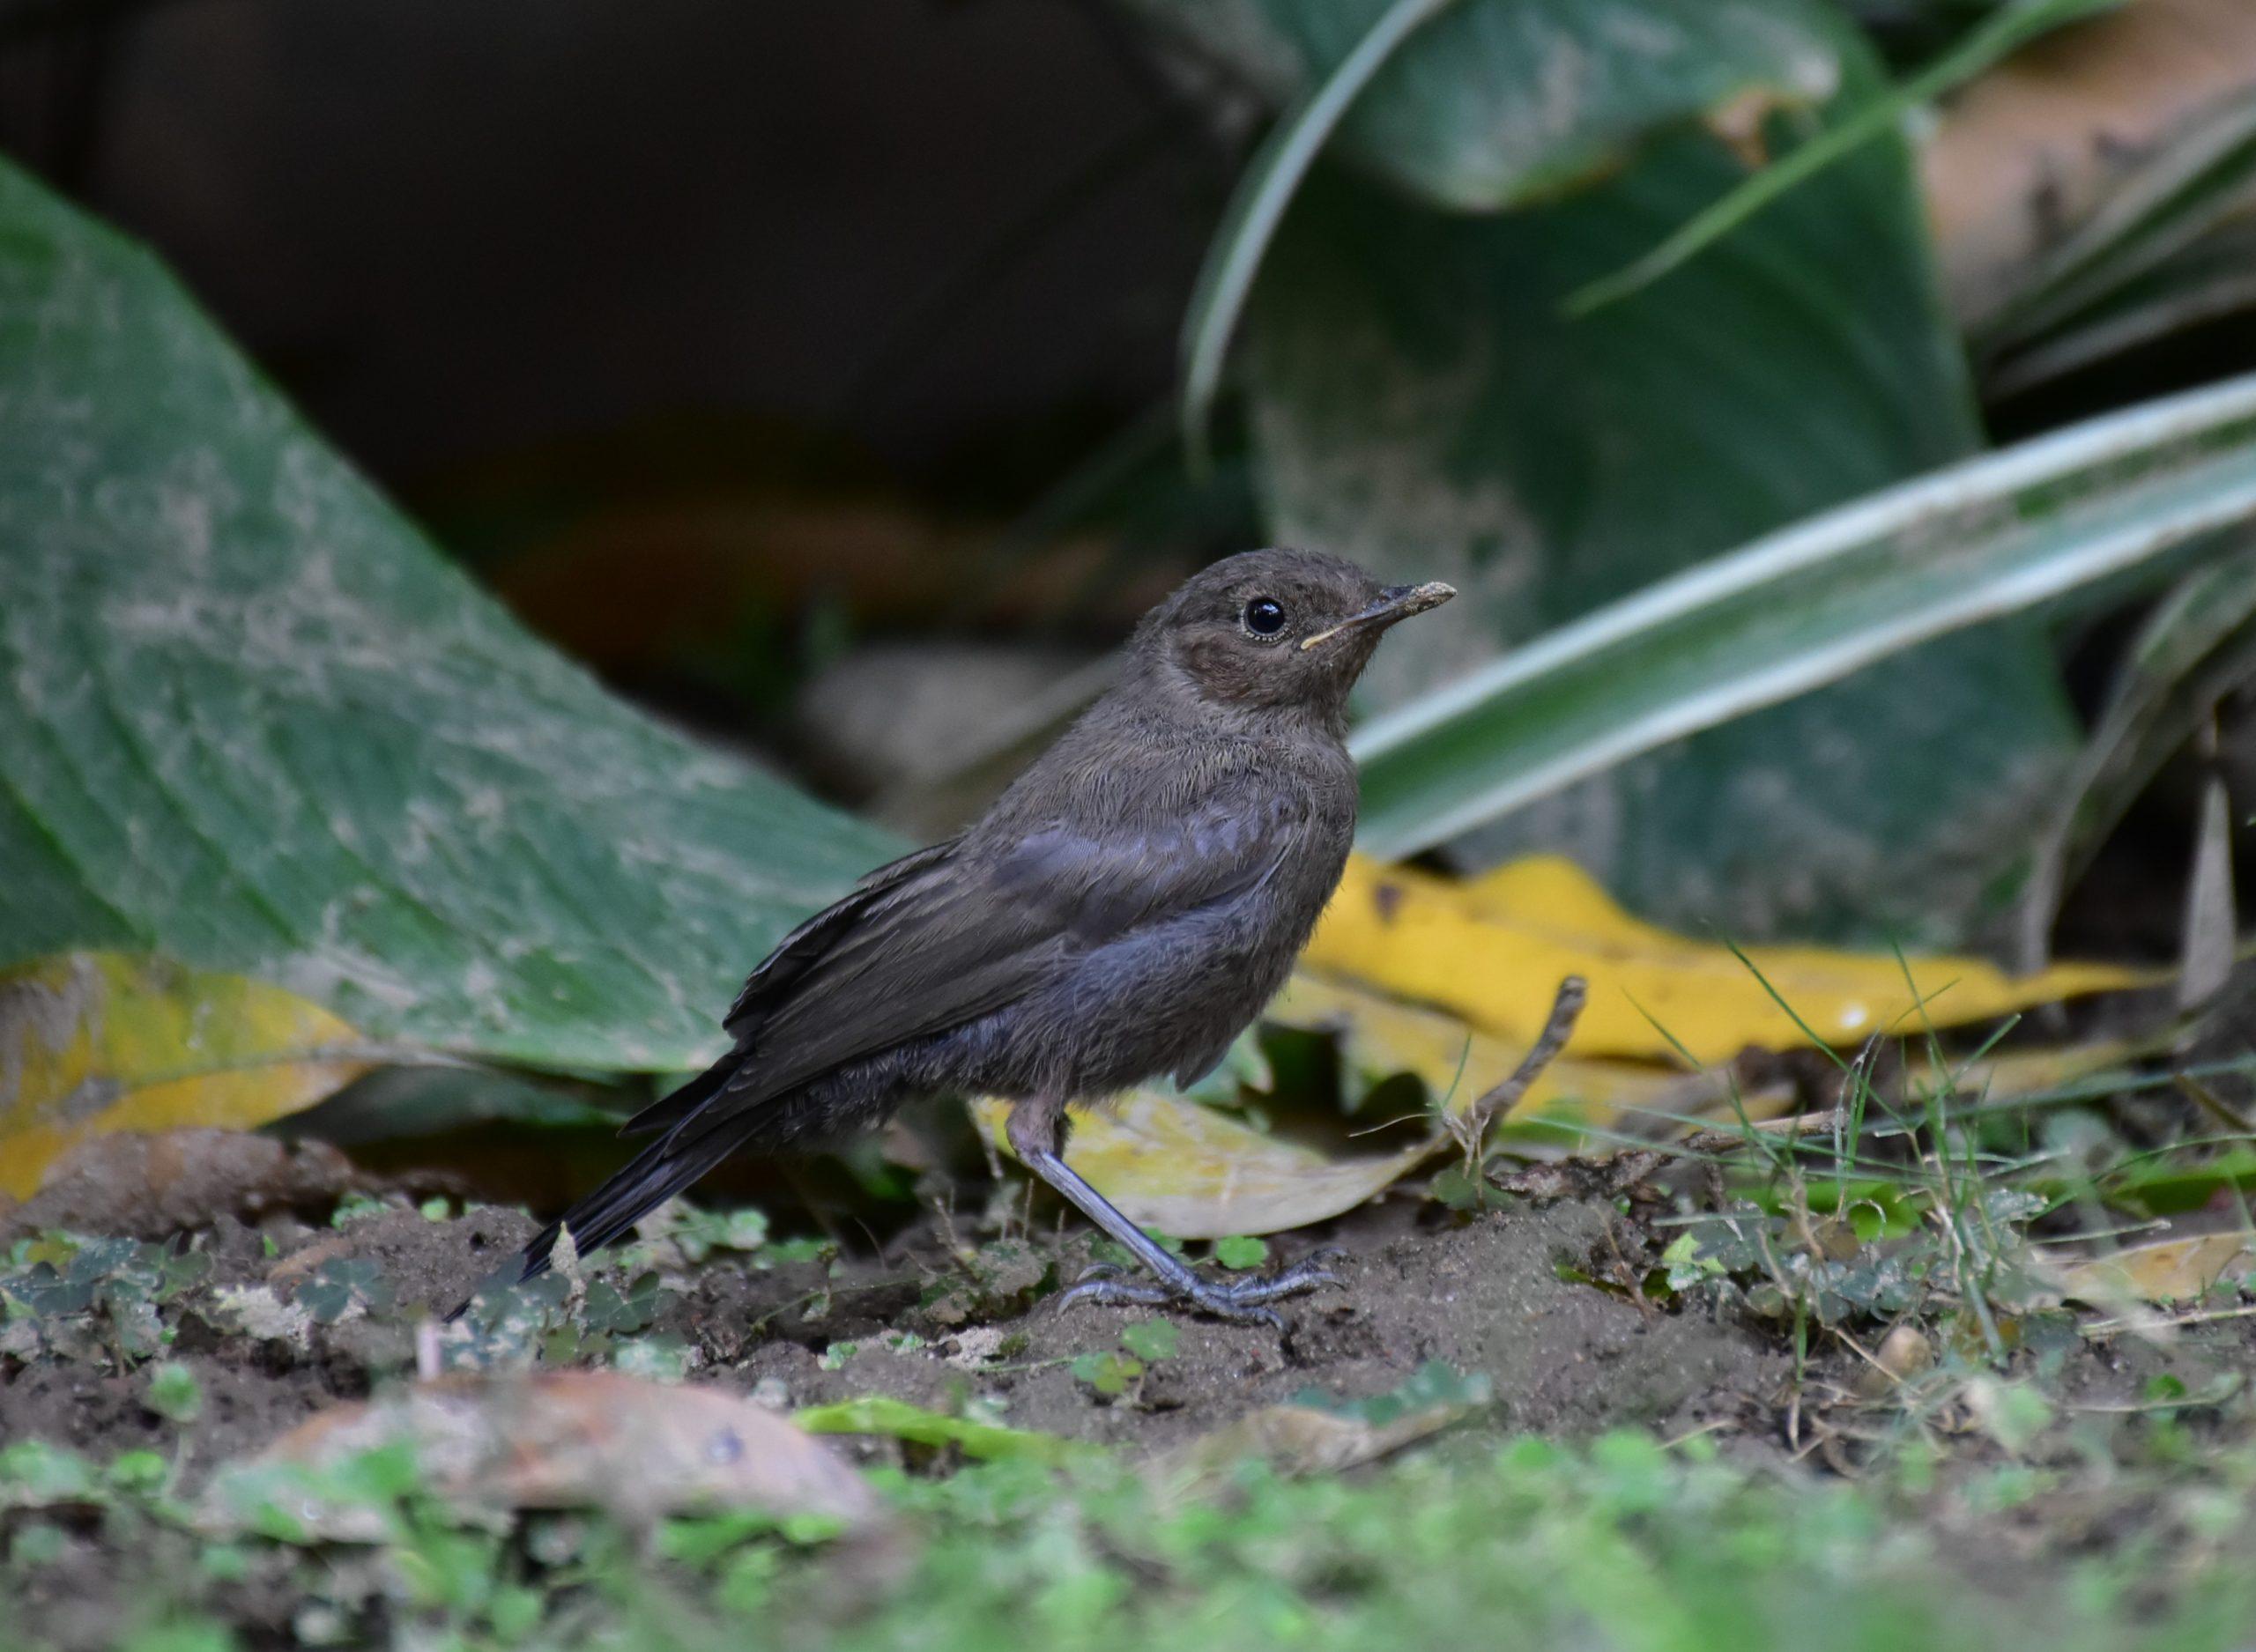 bird resting on ground